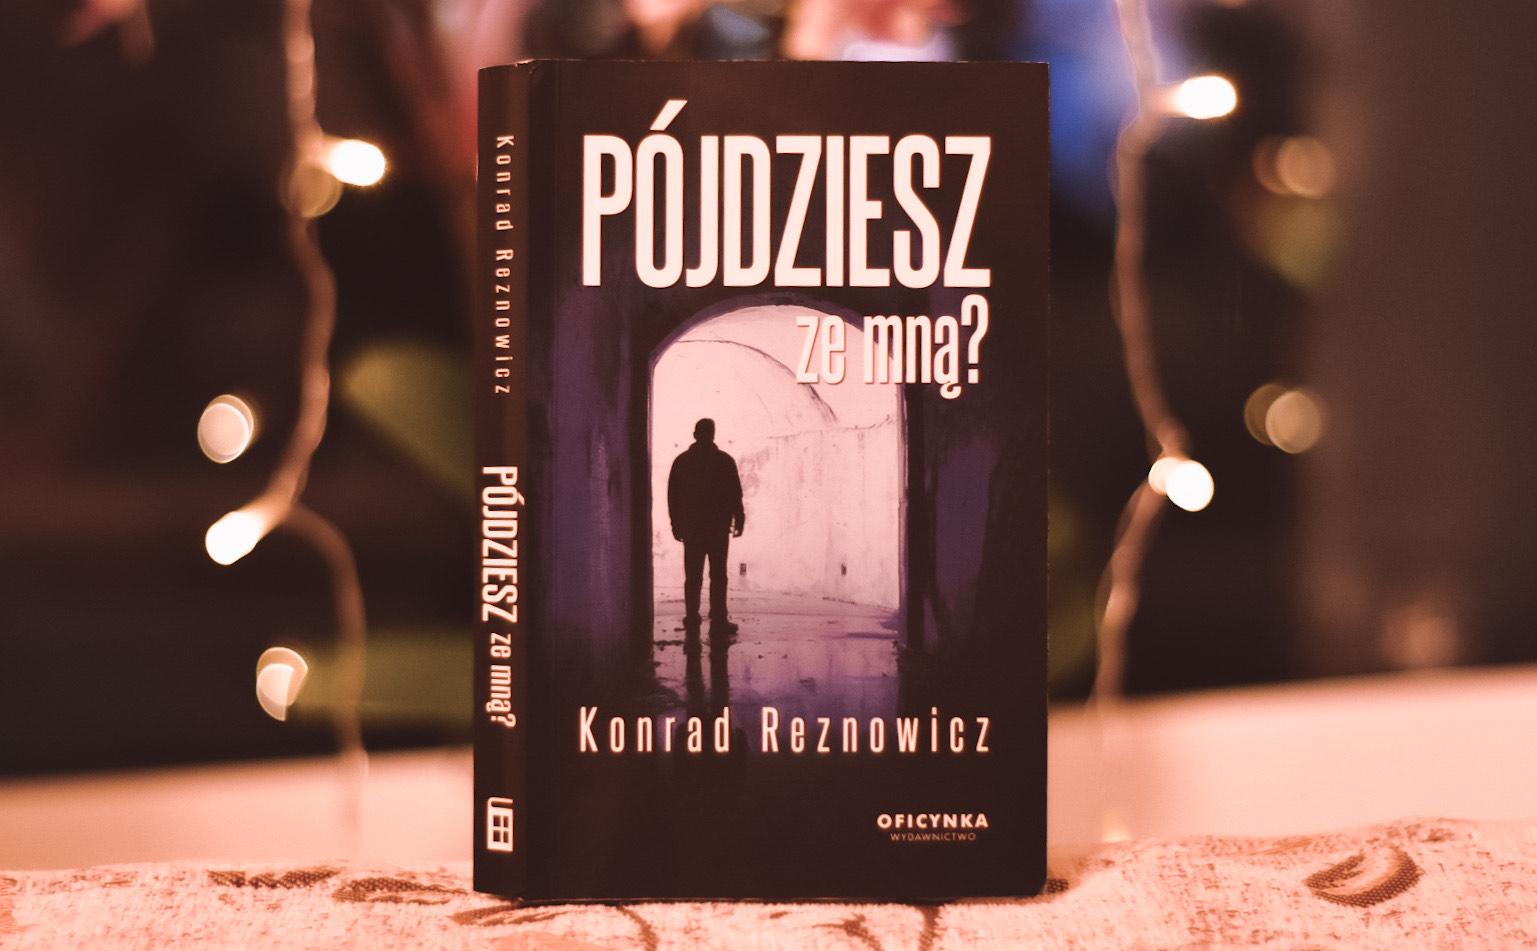 Konrad Reznowicz - Pójdziesz ze mną?